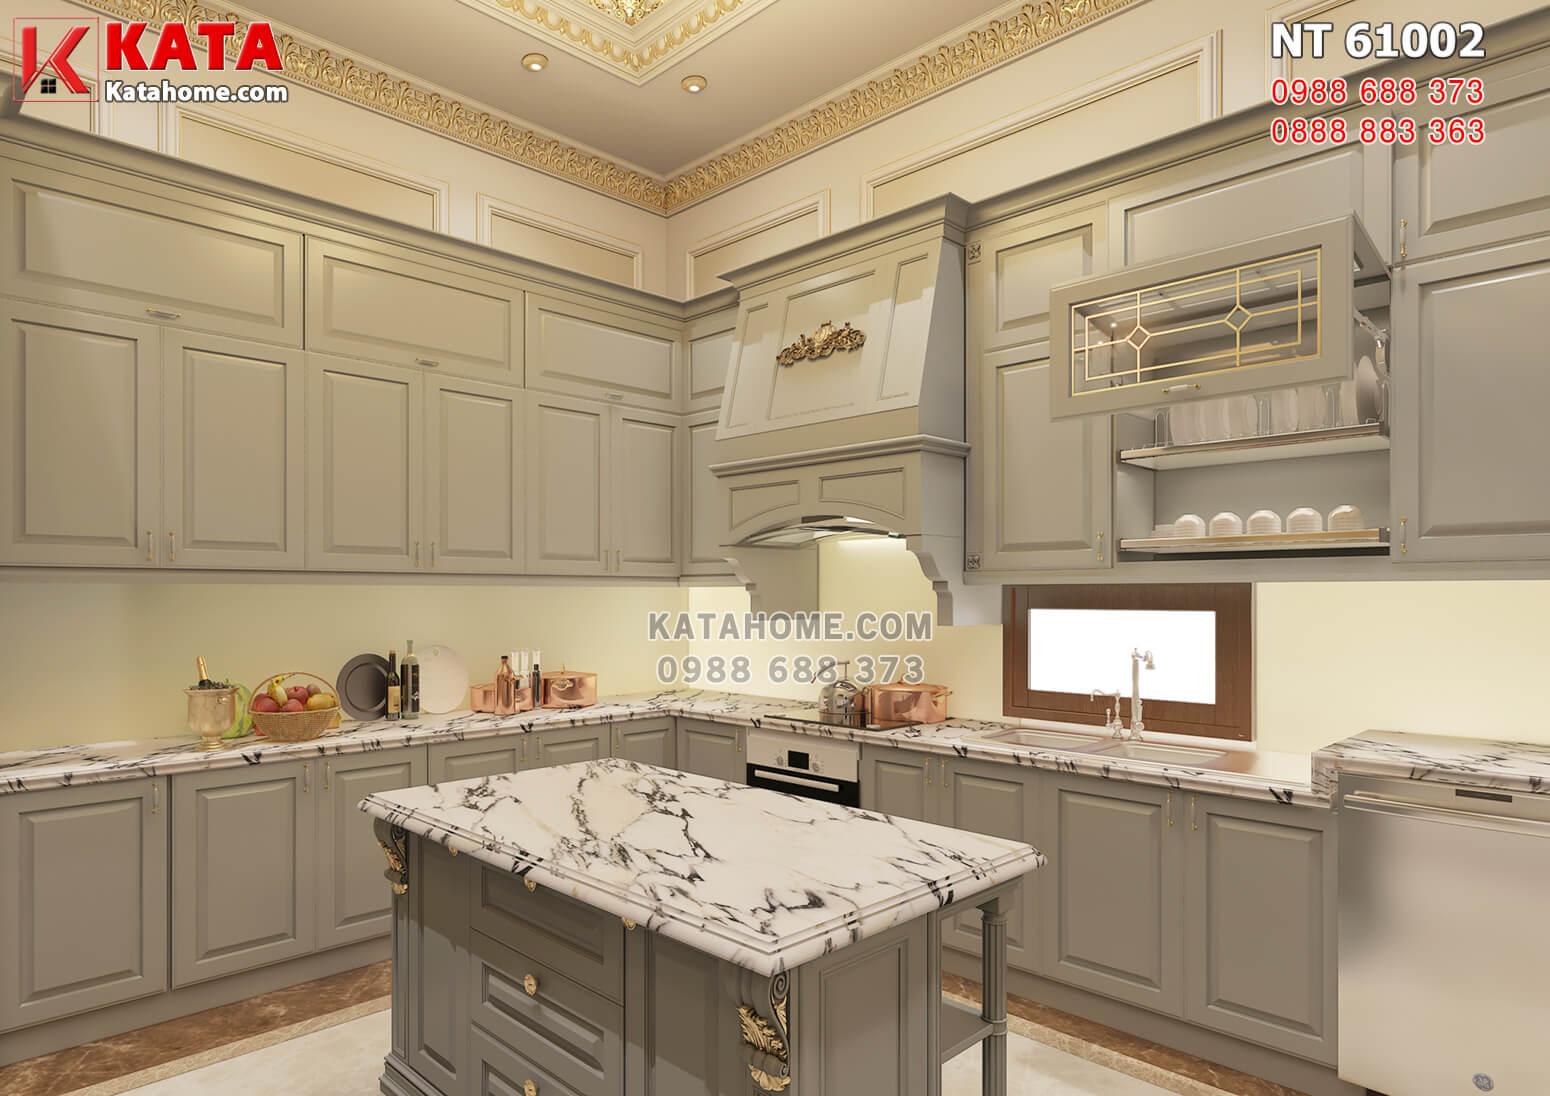 Hình ảnh: Nội thất phòng bếp sang trọng, tiện nghi